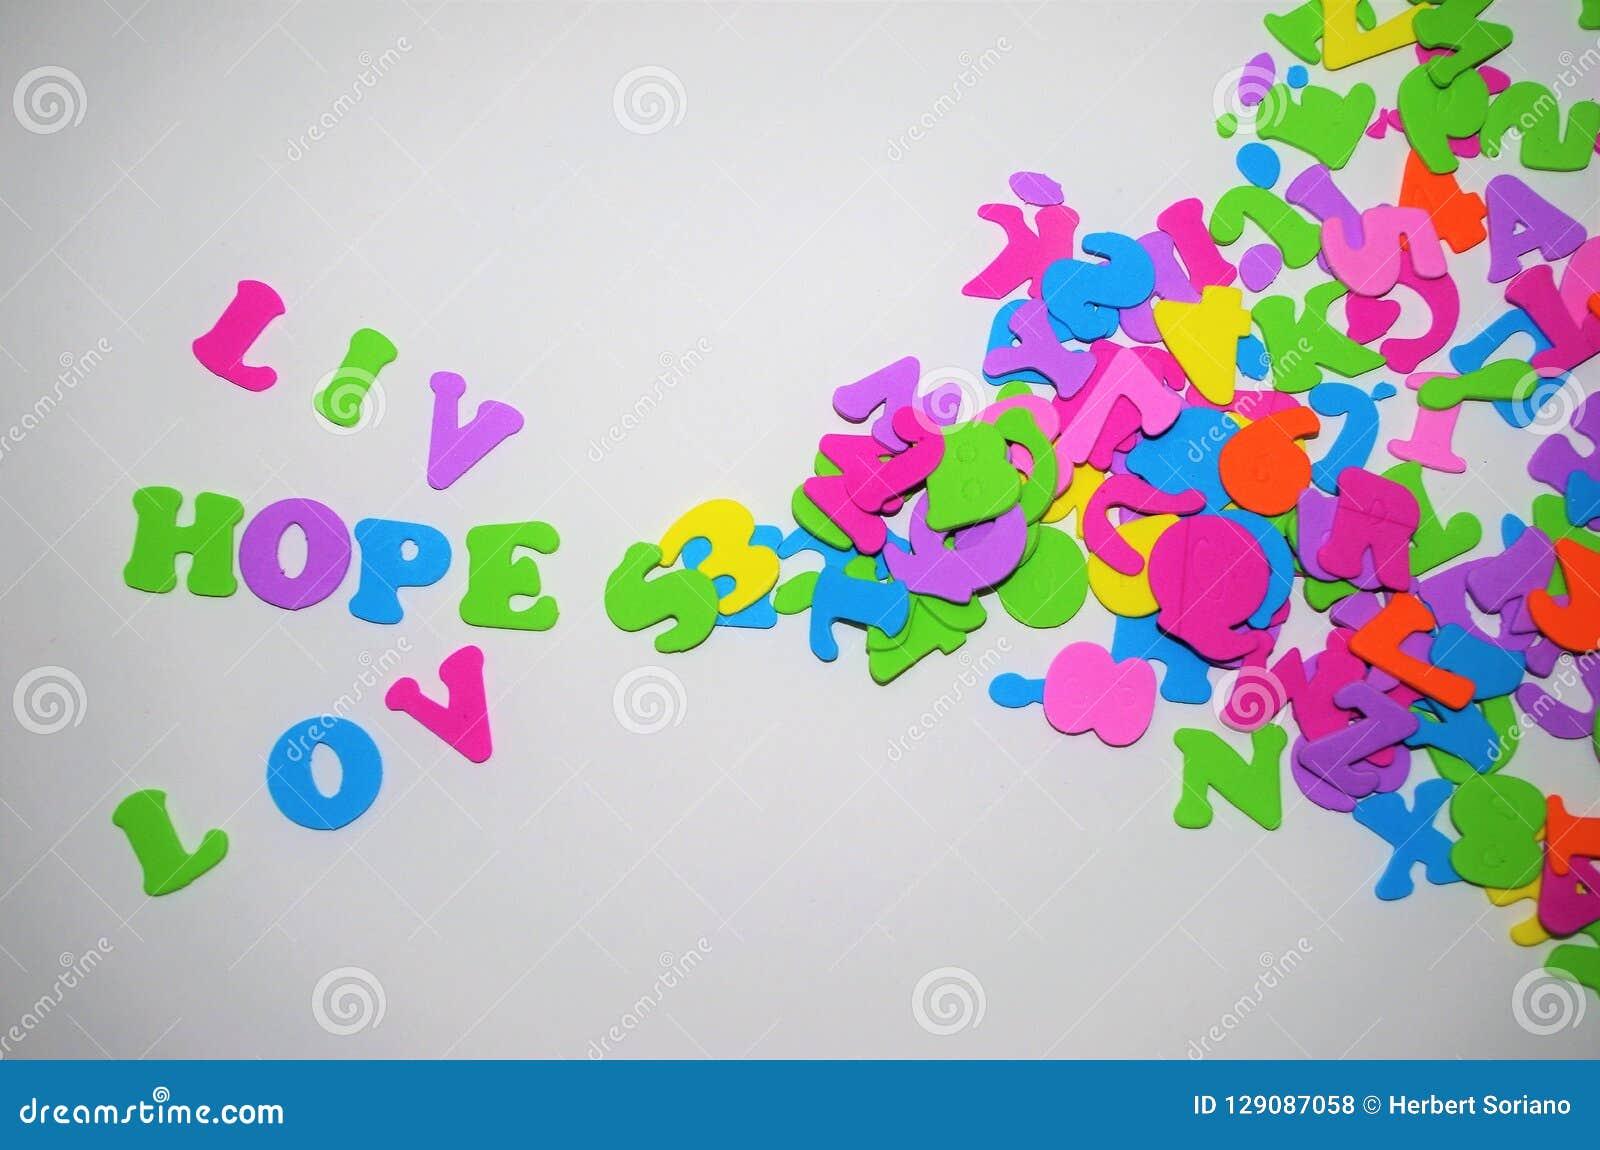 Πλαίσιο αγάπης για το γράψιμο ενός διαστήματος μηνυμάτων για το γράψιμο της ζωντανής ελπίδας